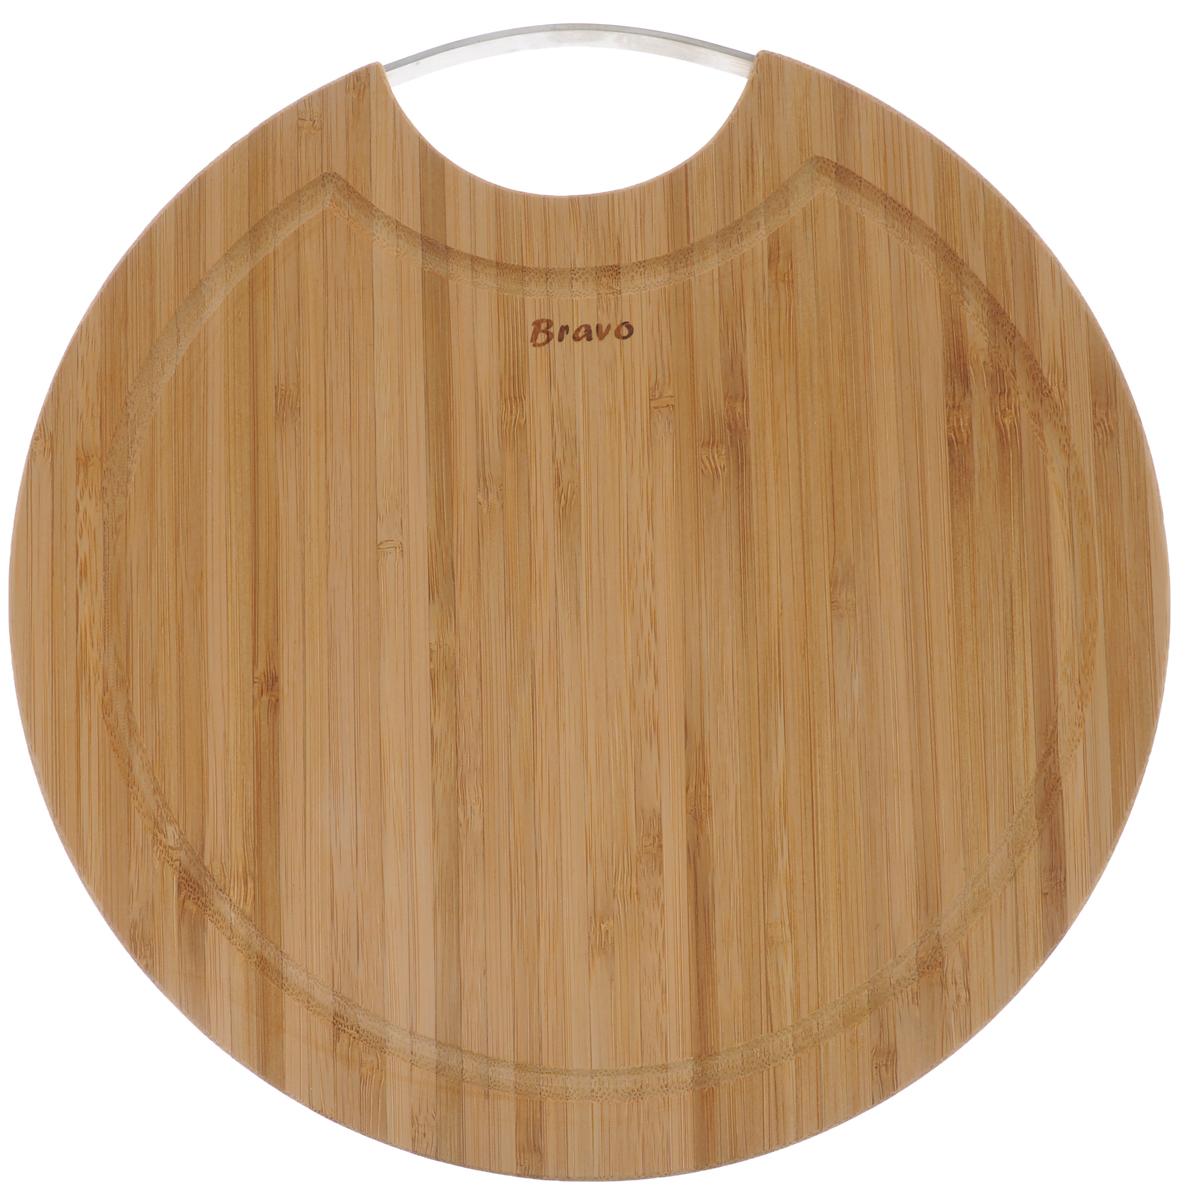 Доска разделочная Bravo, с ручкой, диаметр 25 см211Доска разделочная Bravo изготовлена из бамбука. Изделие оснащено удобной металлической ручкой. Функциональная и простая в использовании, разделочная доска Bravo прекрасно впишется в интерьер любой кухни и прослужит вам долгие годы. Не рекомендуется мыть в посудомоечной машине. Диаметр доски: 25 см. Толщина доски: 1,9 см.